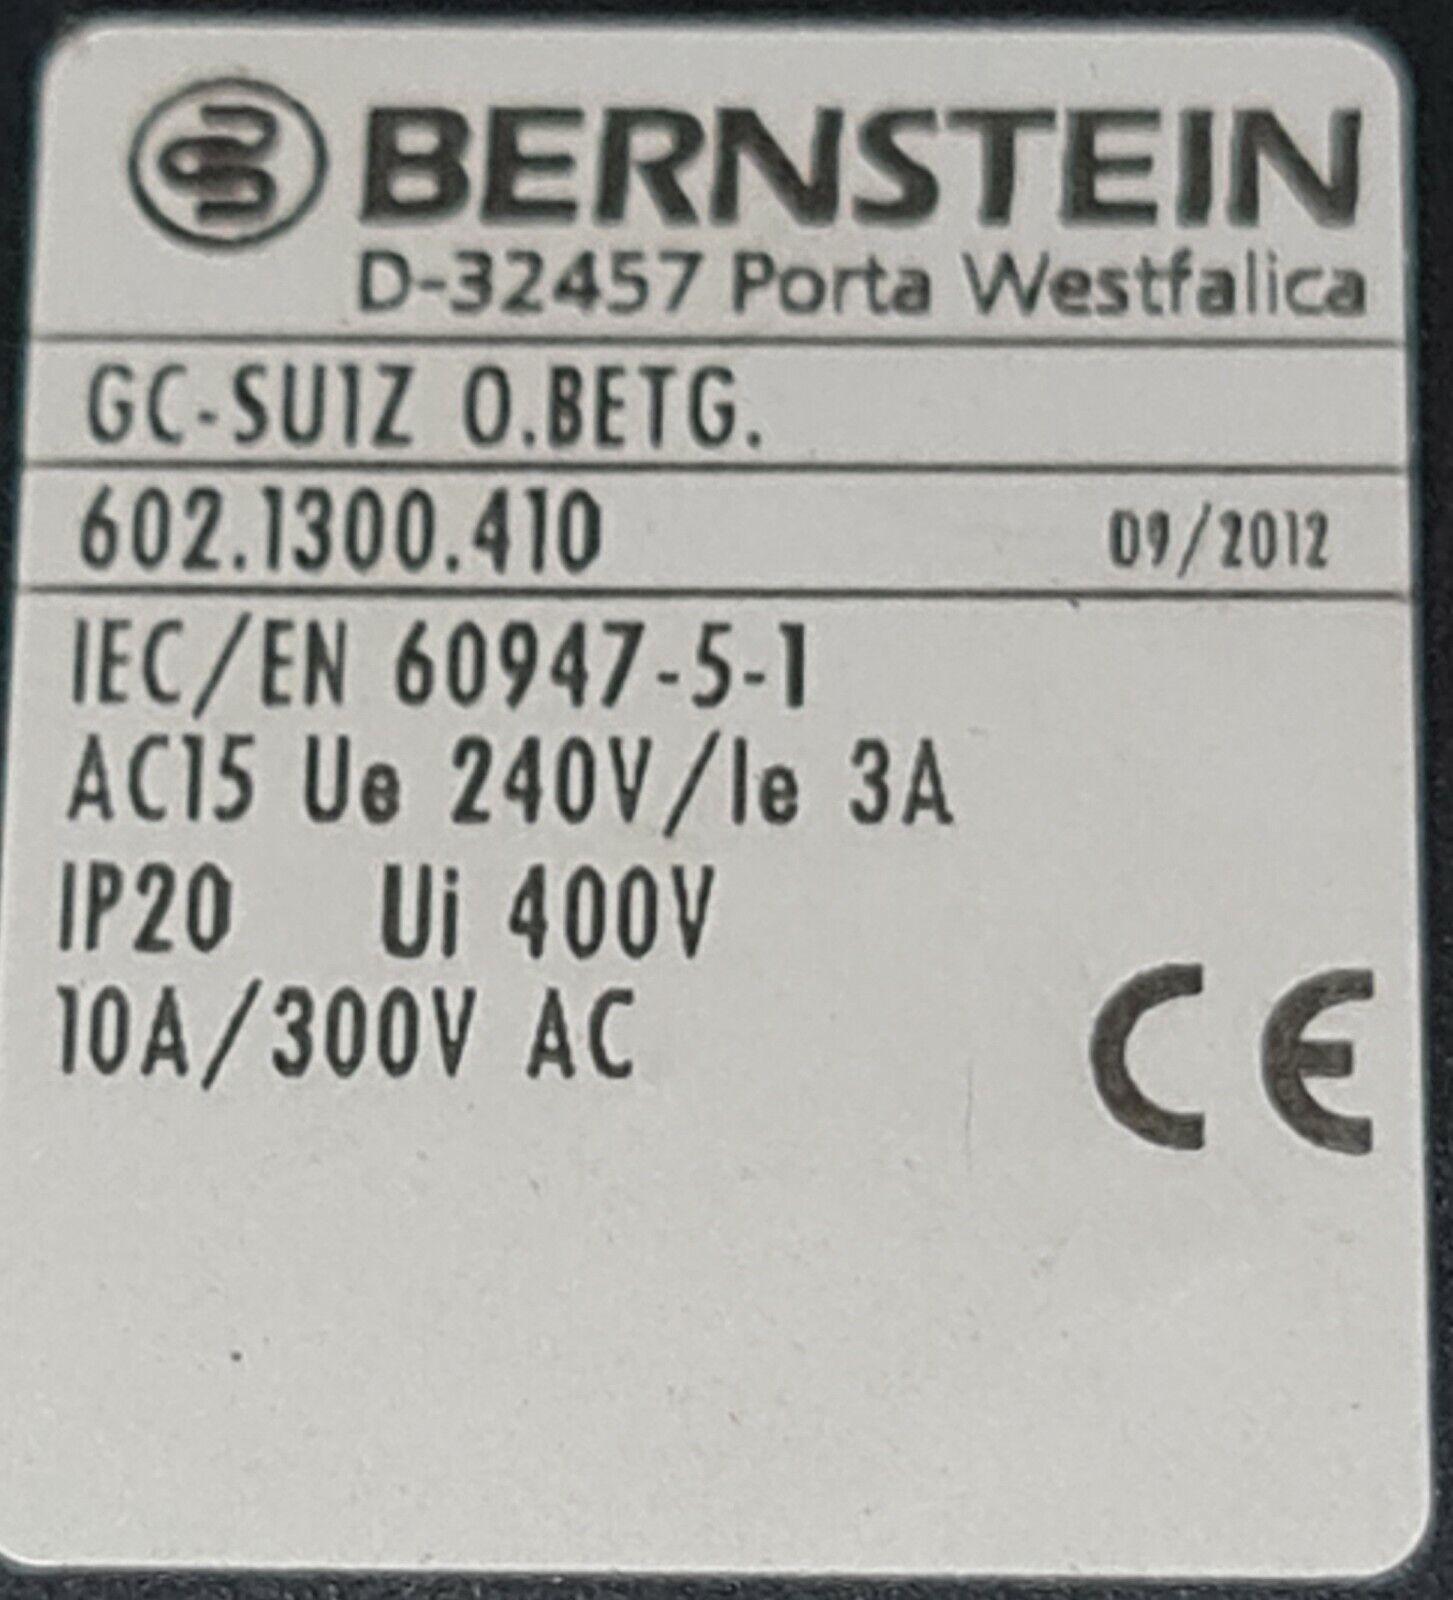 jetzt verkaufen Bernstein GC-SU1Z 0.BETG Gc Limit Schalter